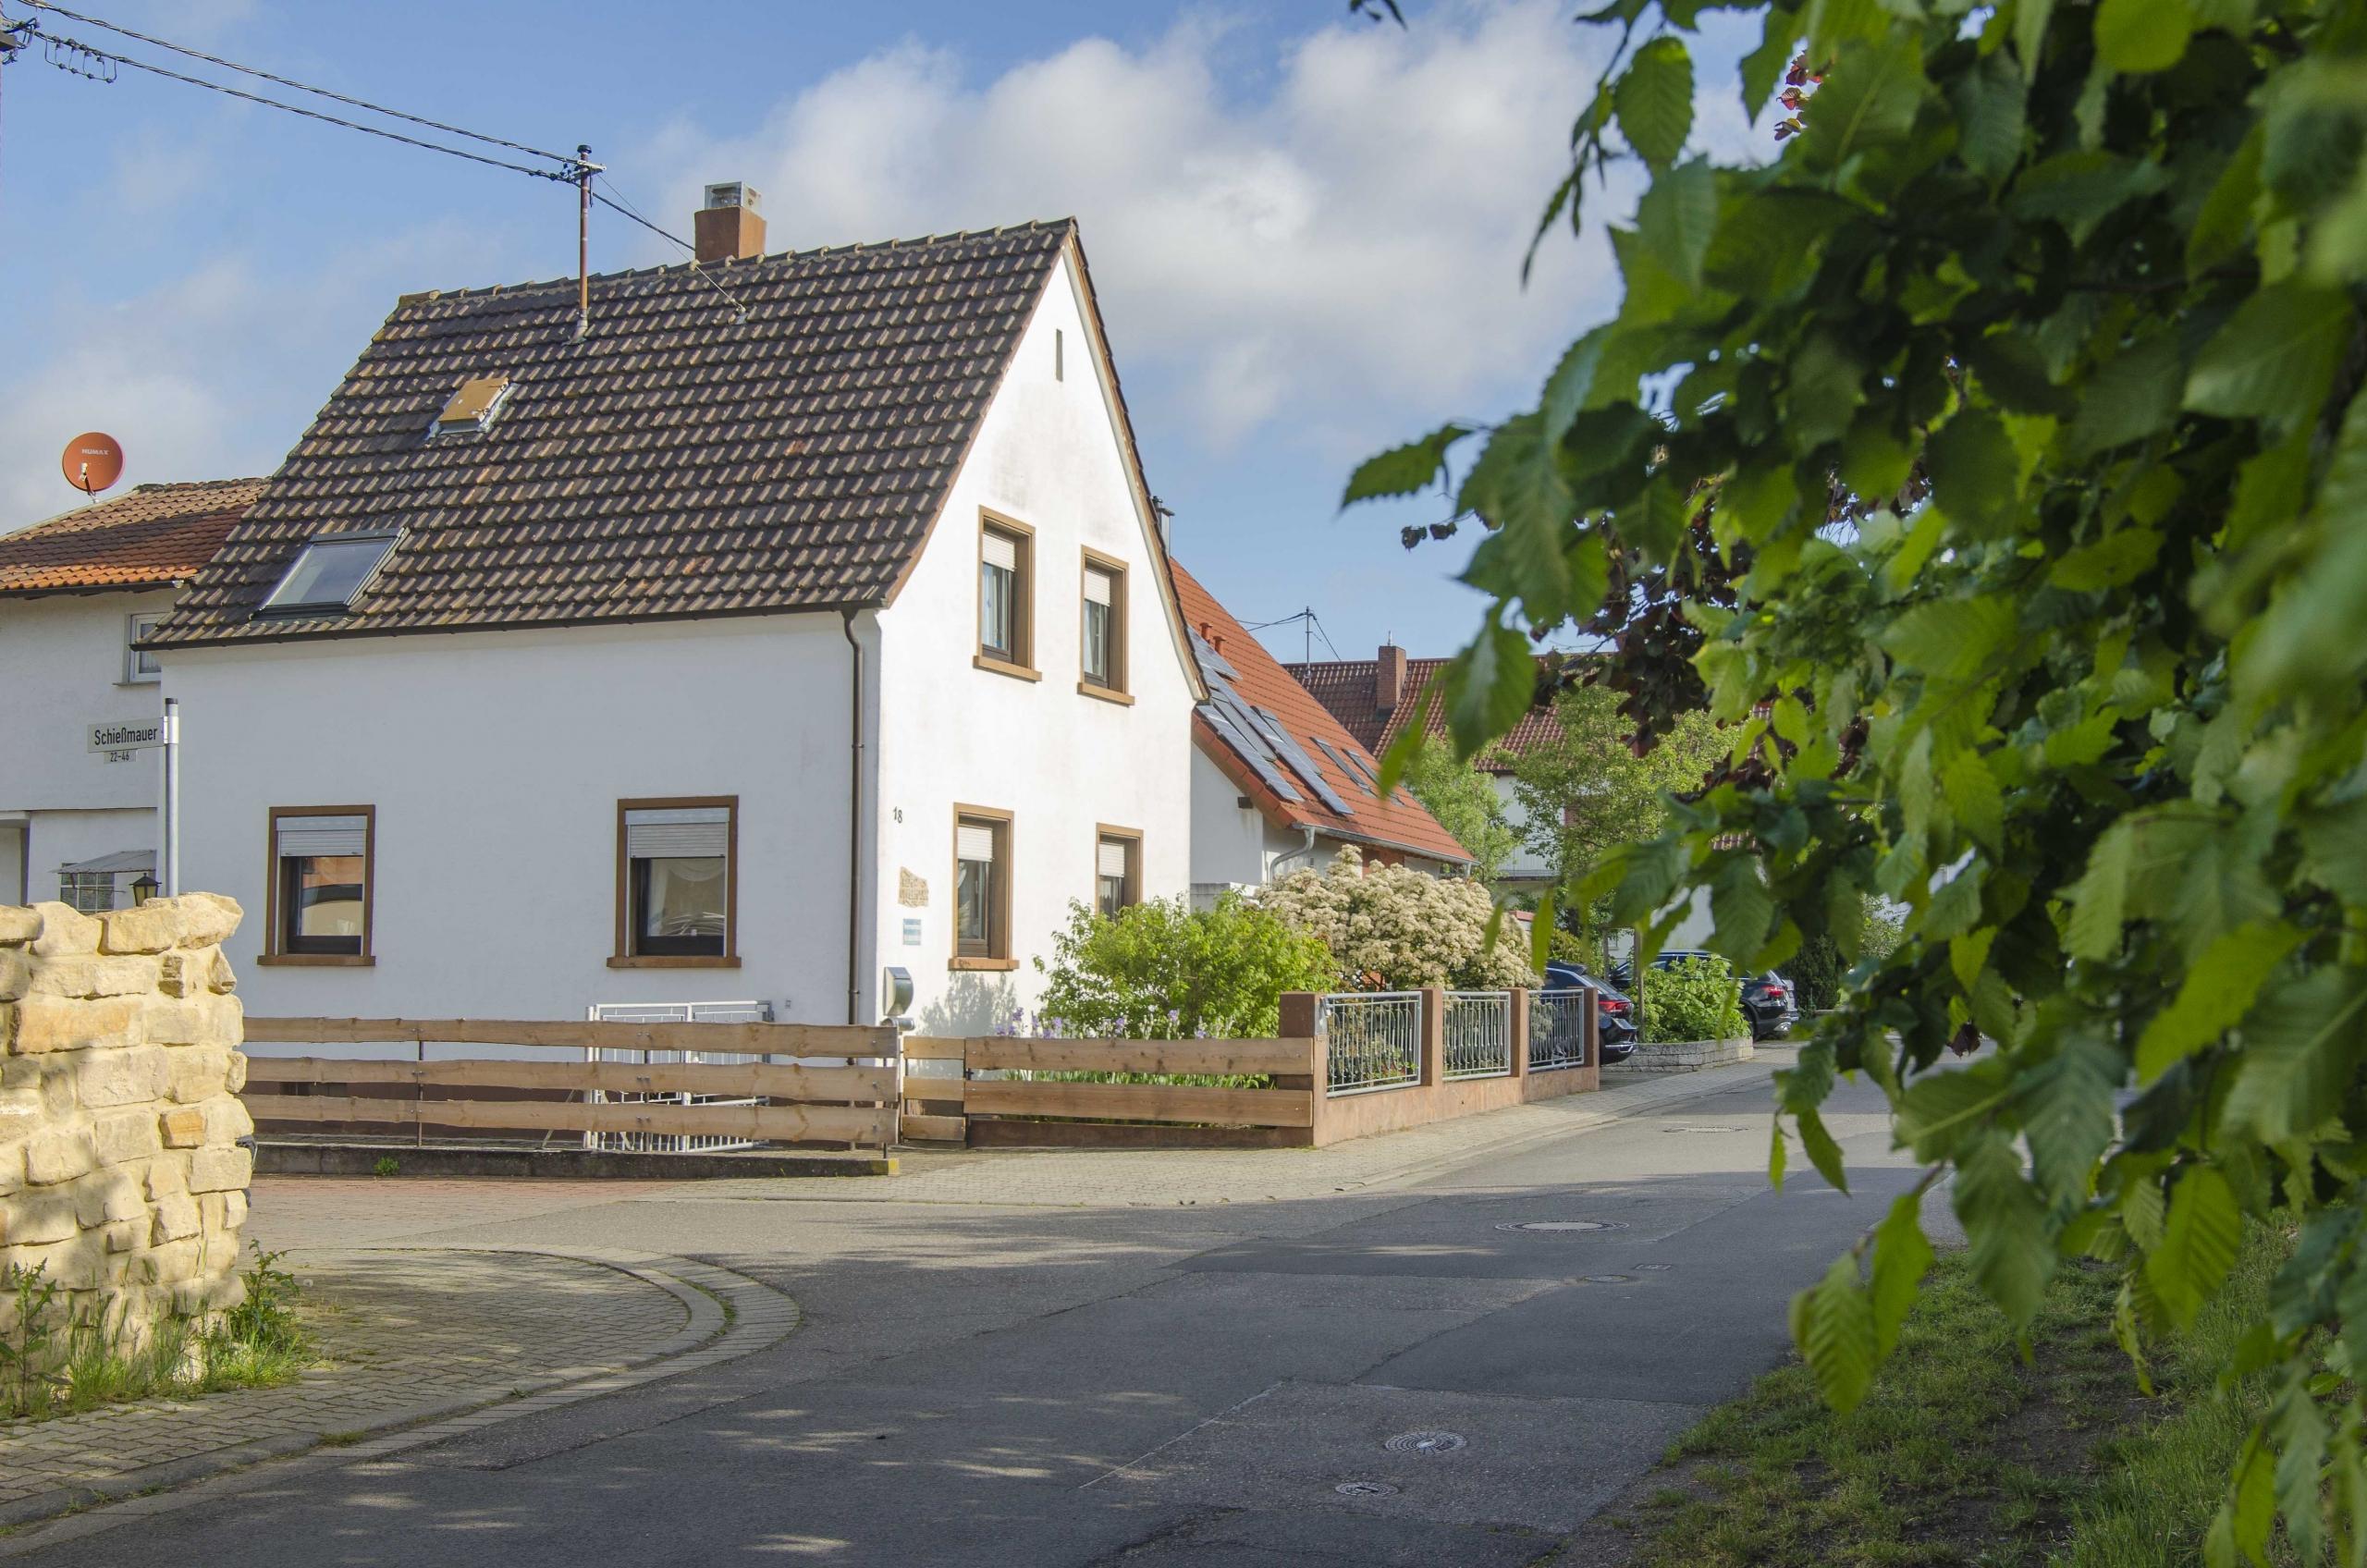 Haus am Weinberg (mit Ferienwohnung) der Familie Oppermann, Mußbach -Neustadt an der Weinstraße